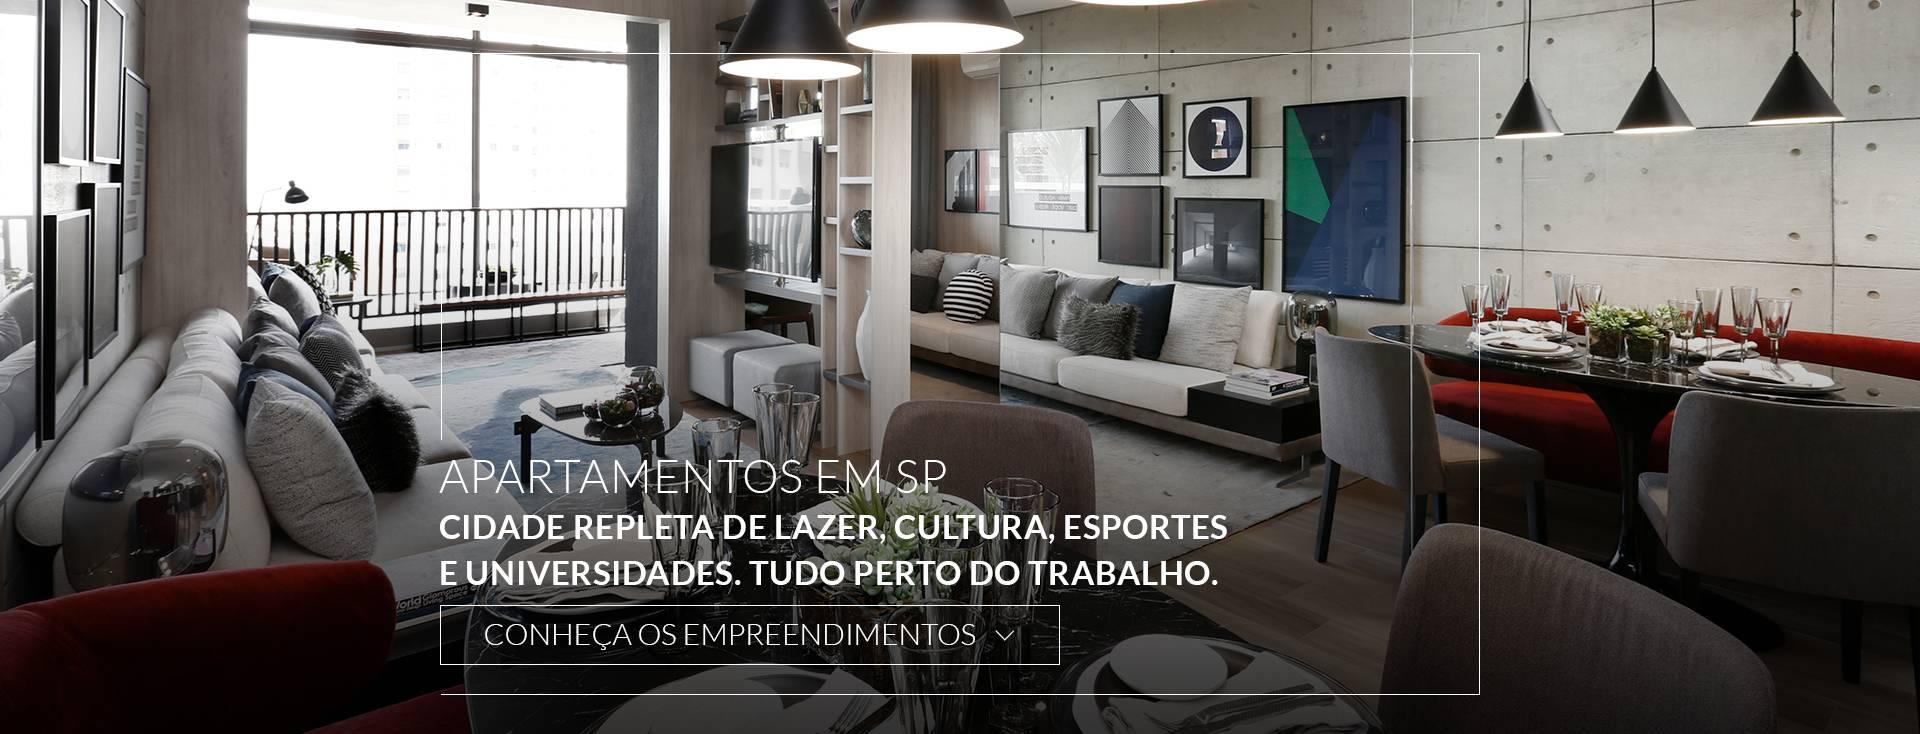 Apartamentos em São Paulo SP